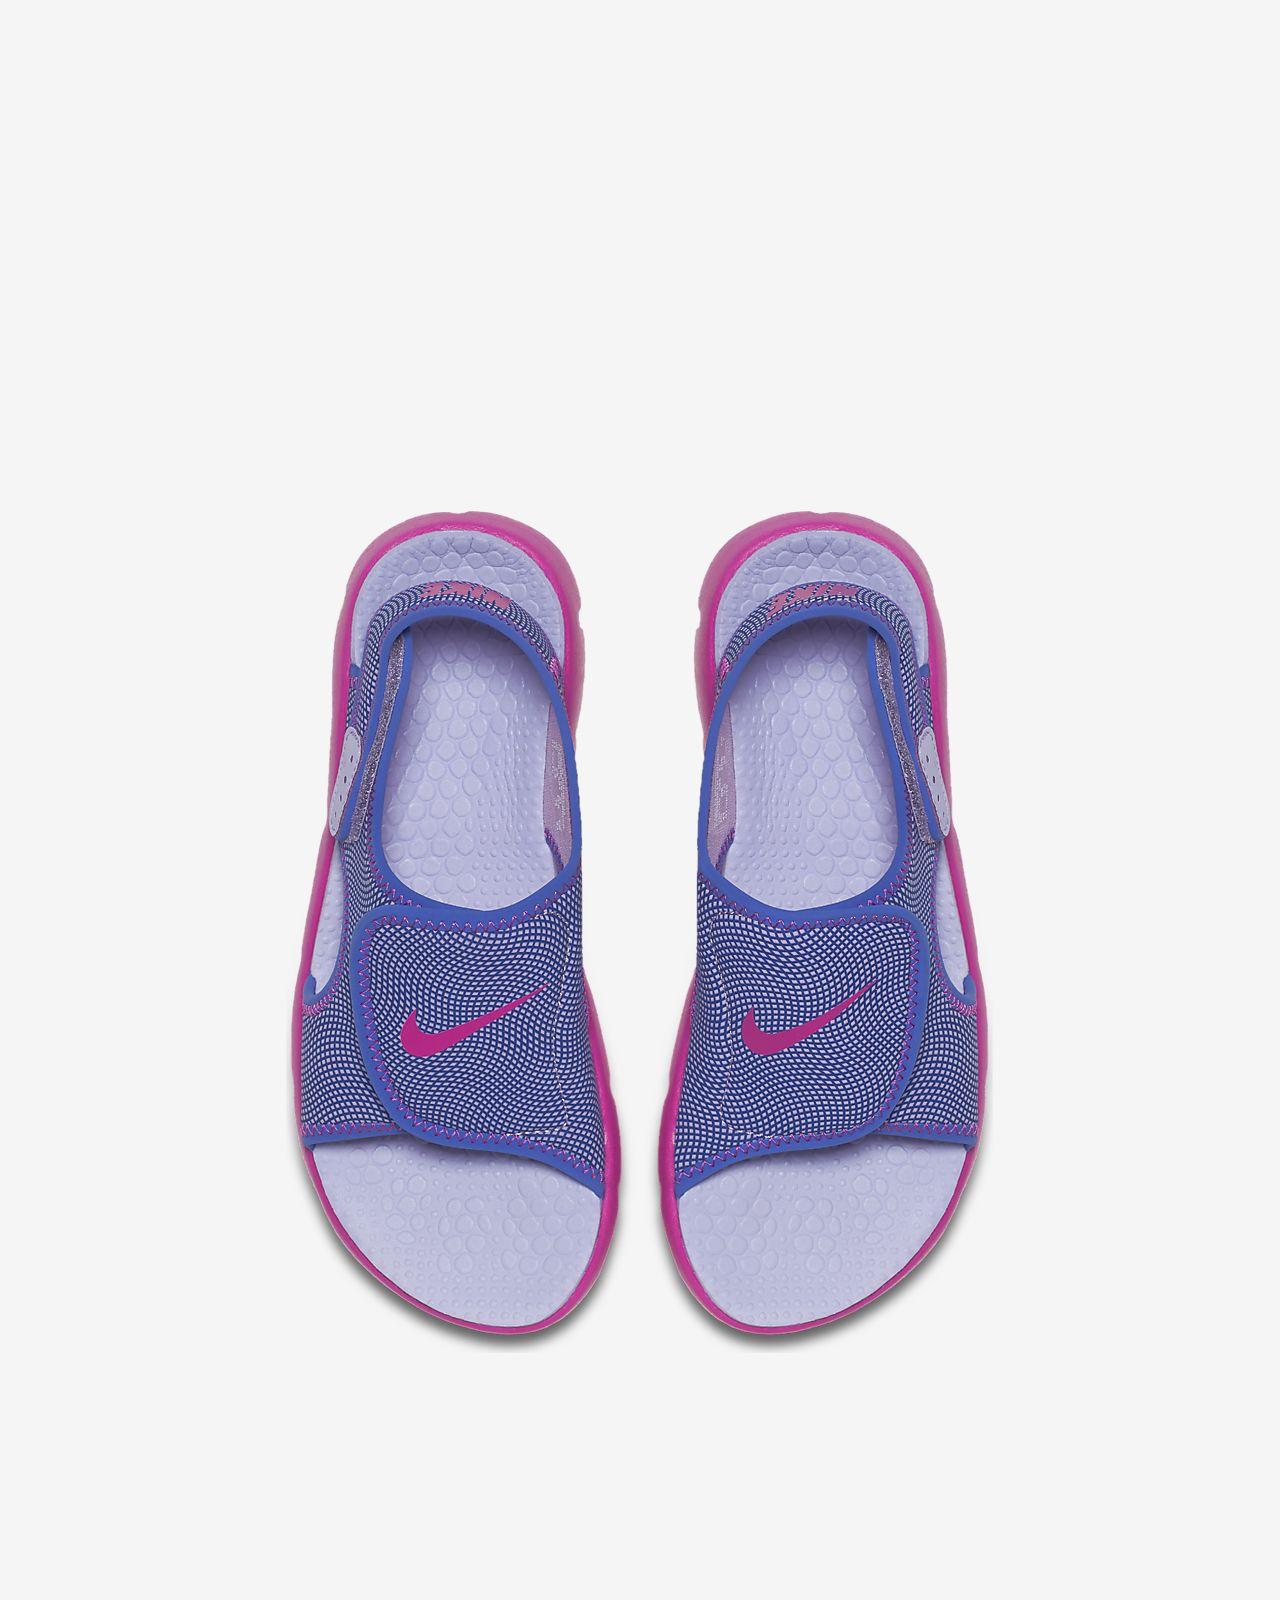 68d0d983d18 Nike Sunray Adjust 4 Younger Older Kids  Sandal. Nike.com IN